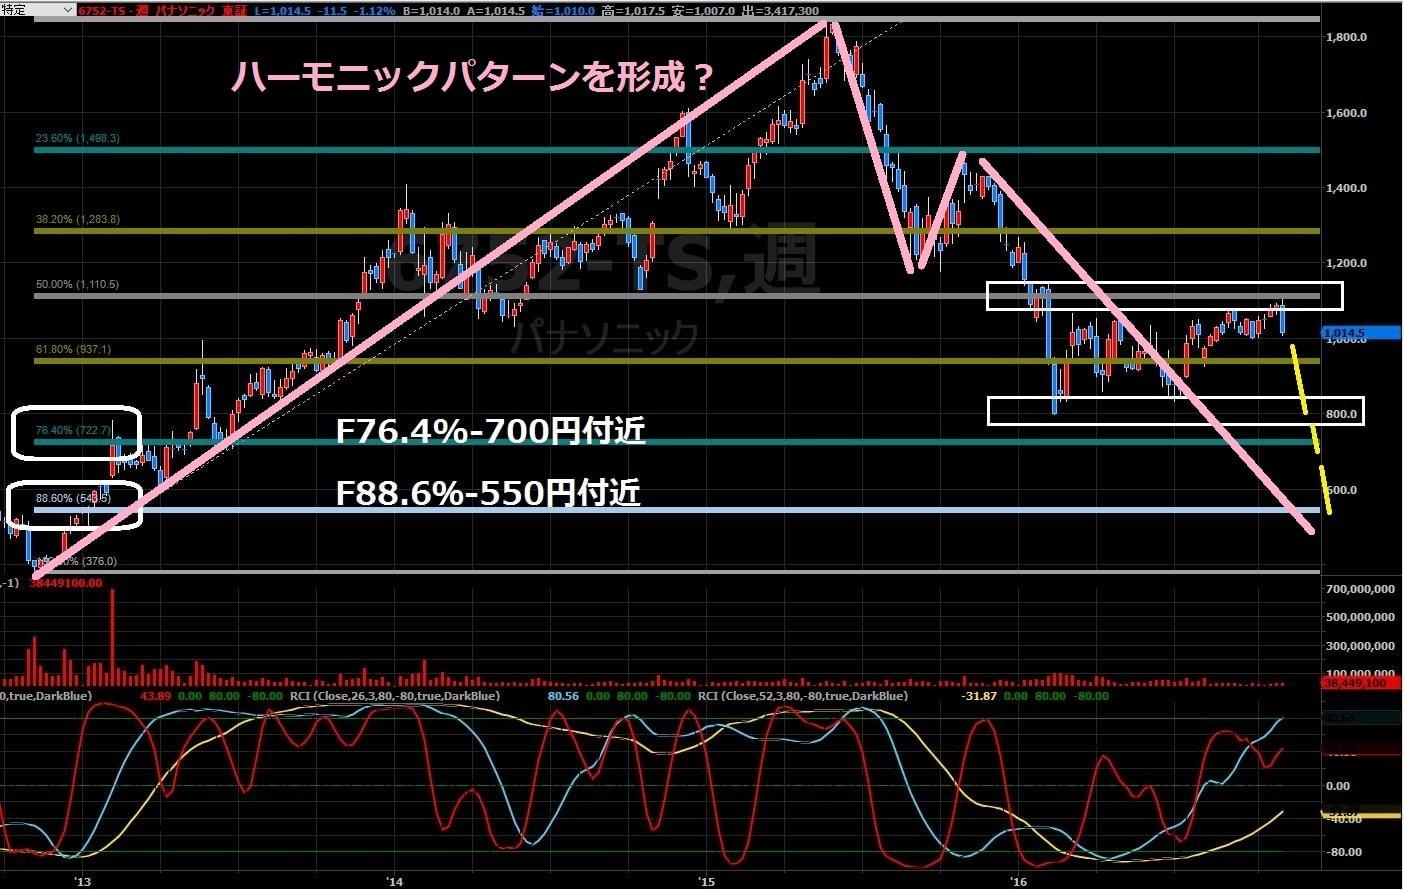 16-11-2パナソニック株価週足-ハーモニックパターン